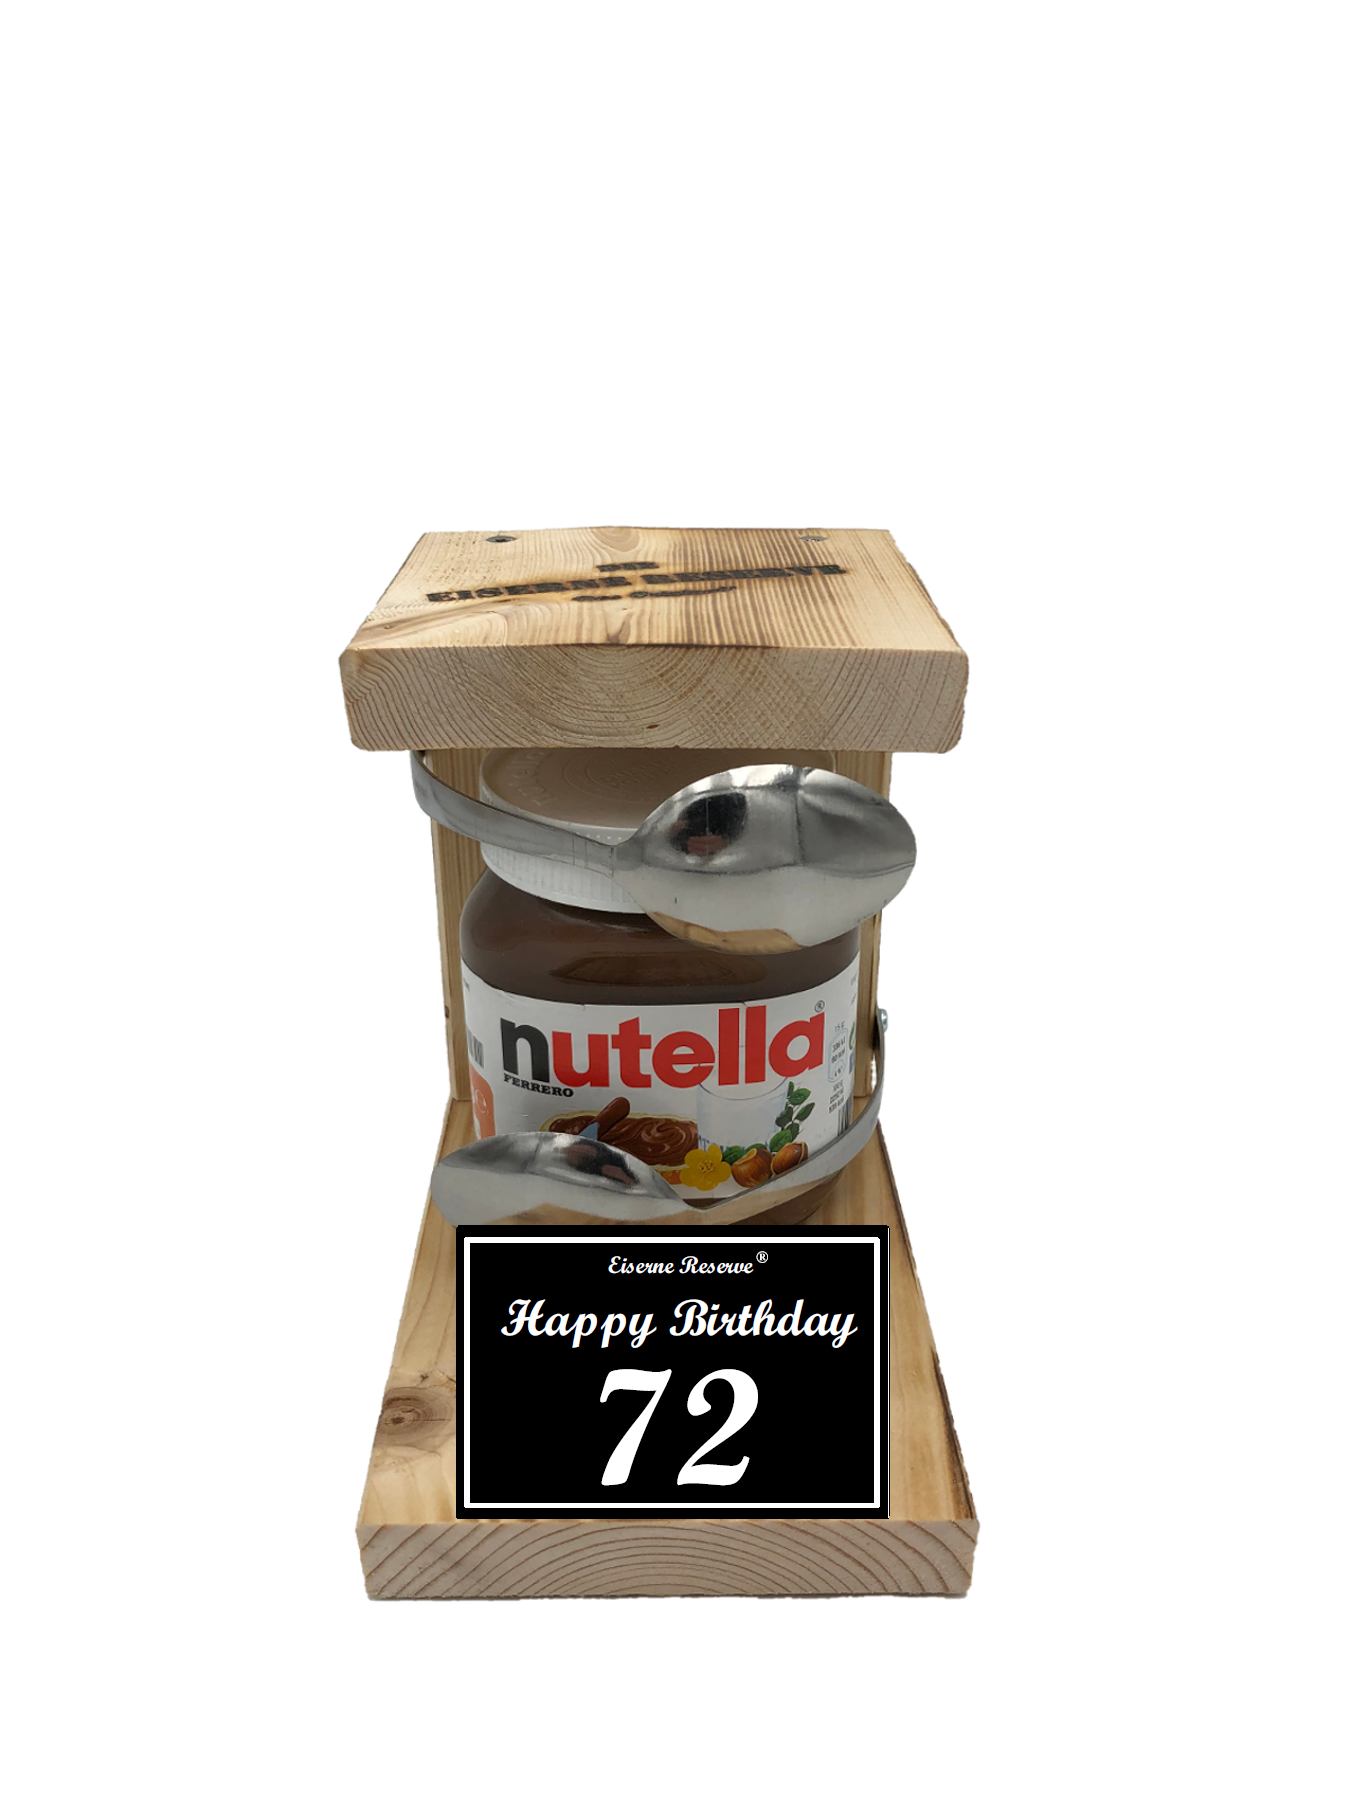 72 Happy Birthday Löffel Nutella Geschenk - Die Nutella Geschenkidee